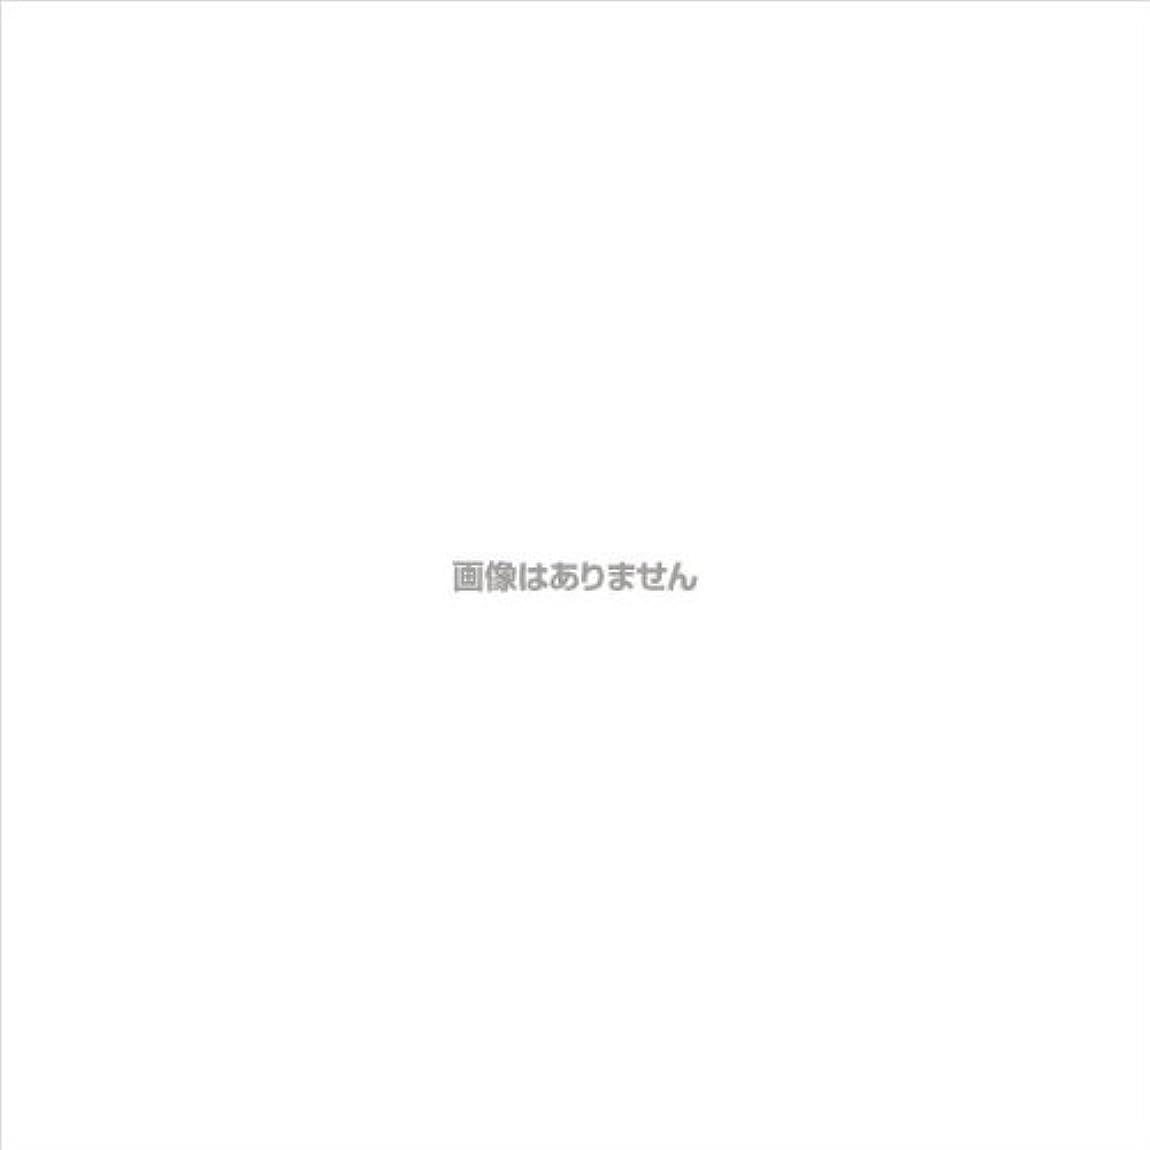 操作キャンパス無実PVCグローブα 粉つき クリア / FR-5113 200枚 L ケース(10小箱入)